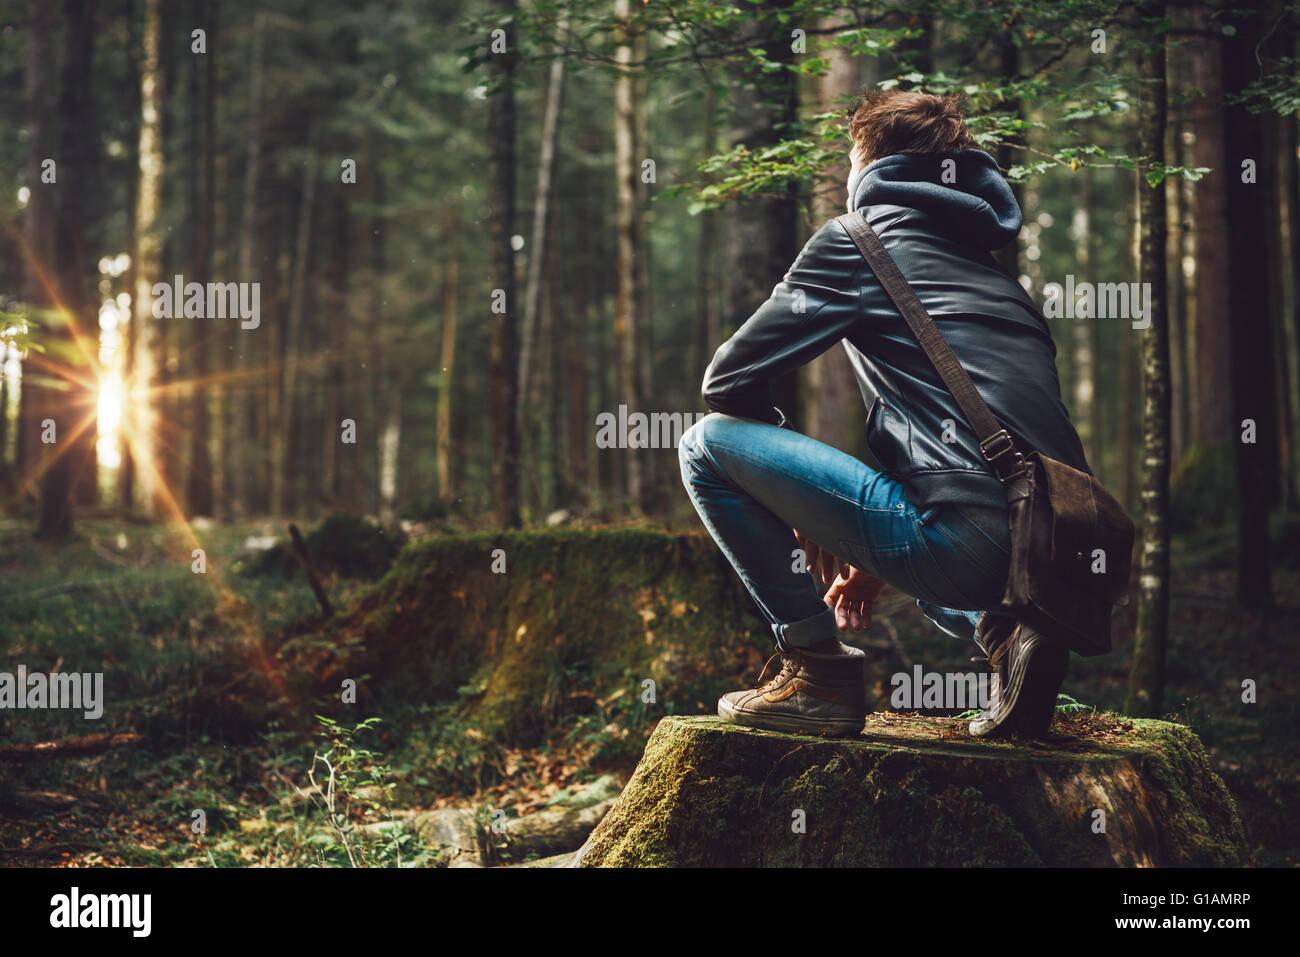 Joven apuesto hombre de explorar el bosque y mirar a su alrededor, la naturaleza y el concepto de la libertad Imagen De Stock